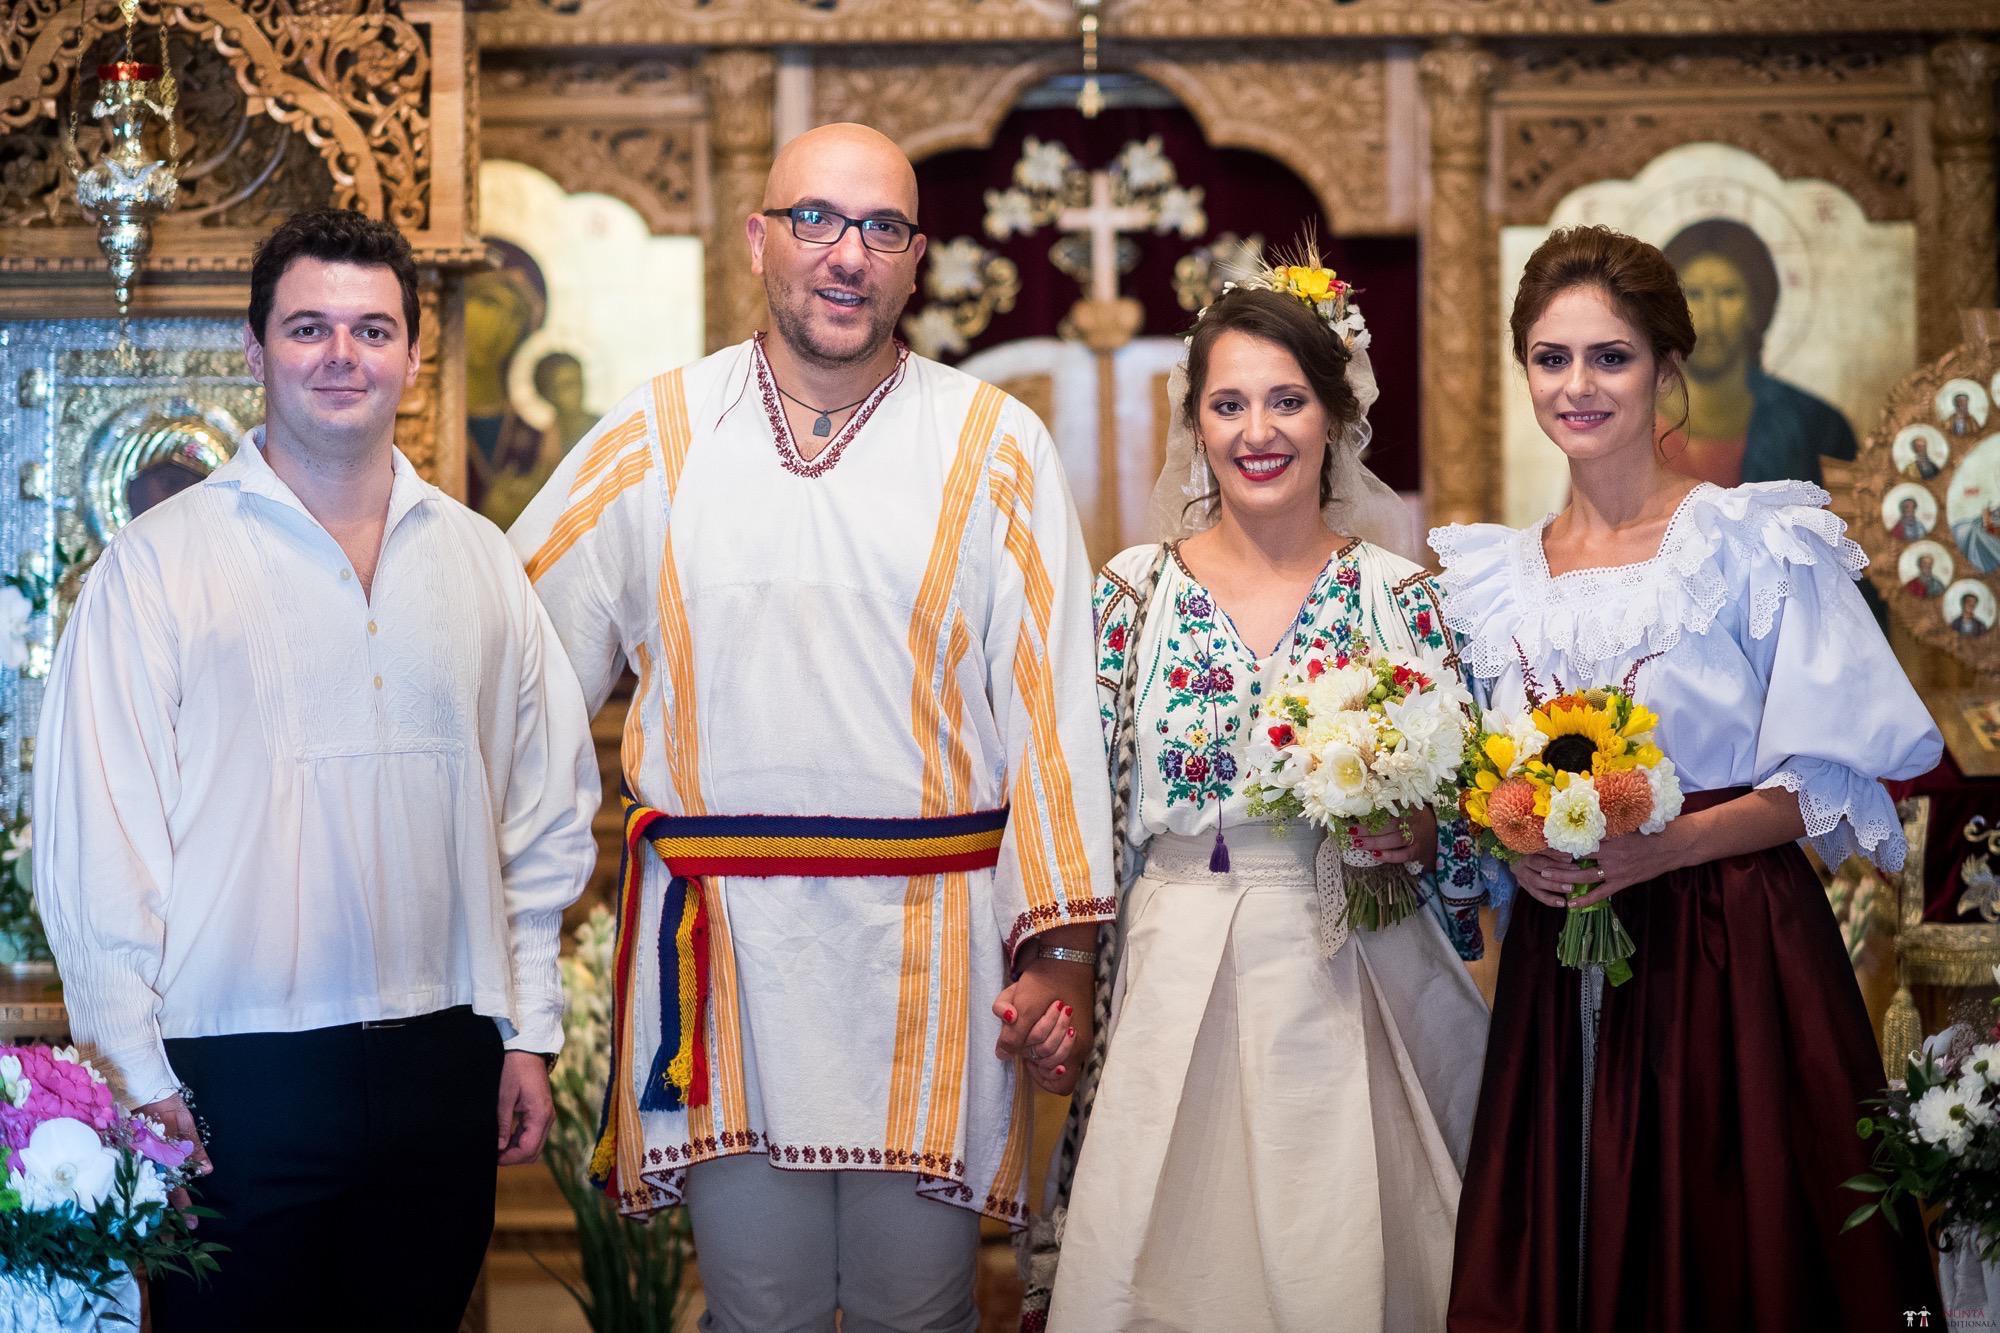 Povești Nunți Tradiționale - Ioana și Andrei. Nuntă tradițională în București. 27